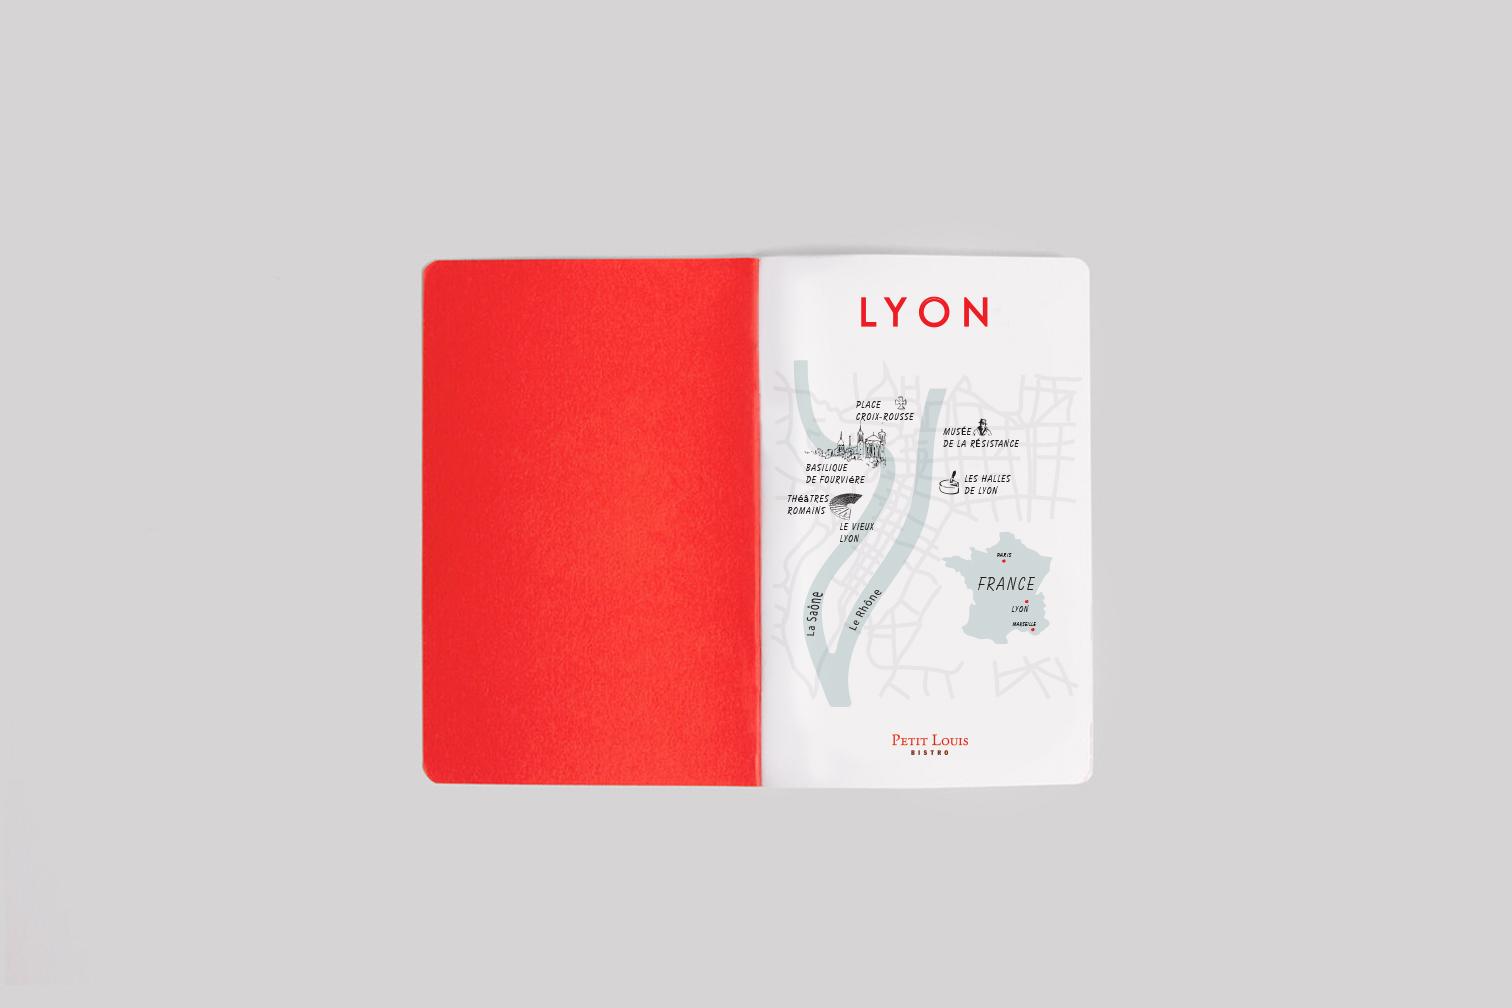 Petit Louis Booklet